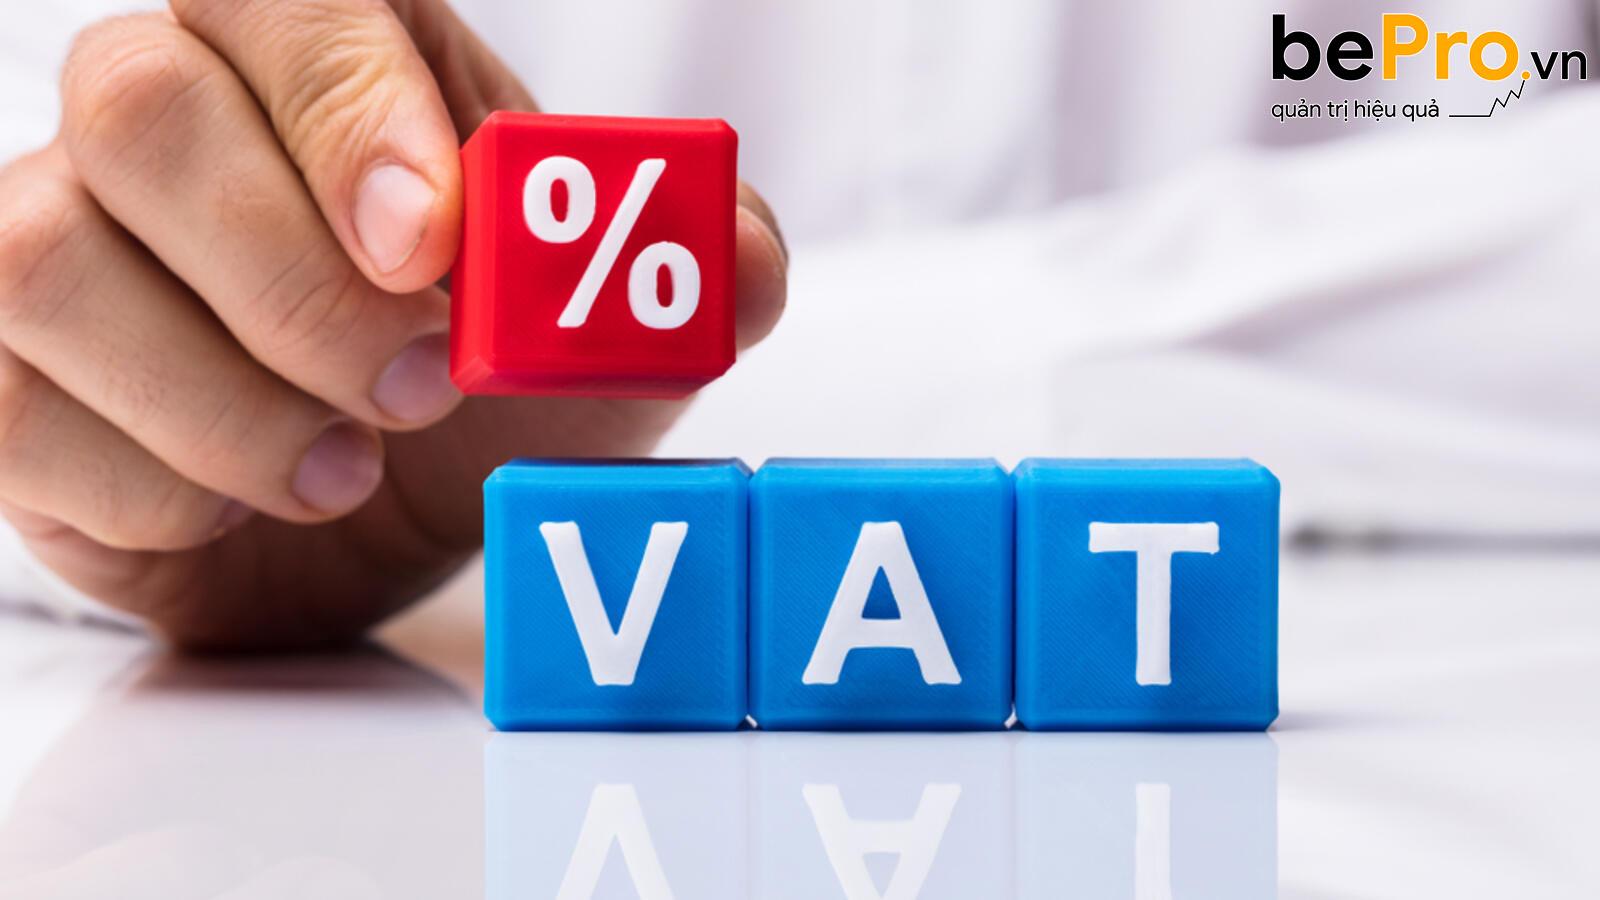 Cách tính thuế VAT theo phương pháp khấu trừ và trực tiếp